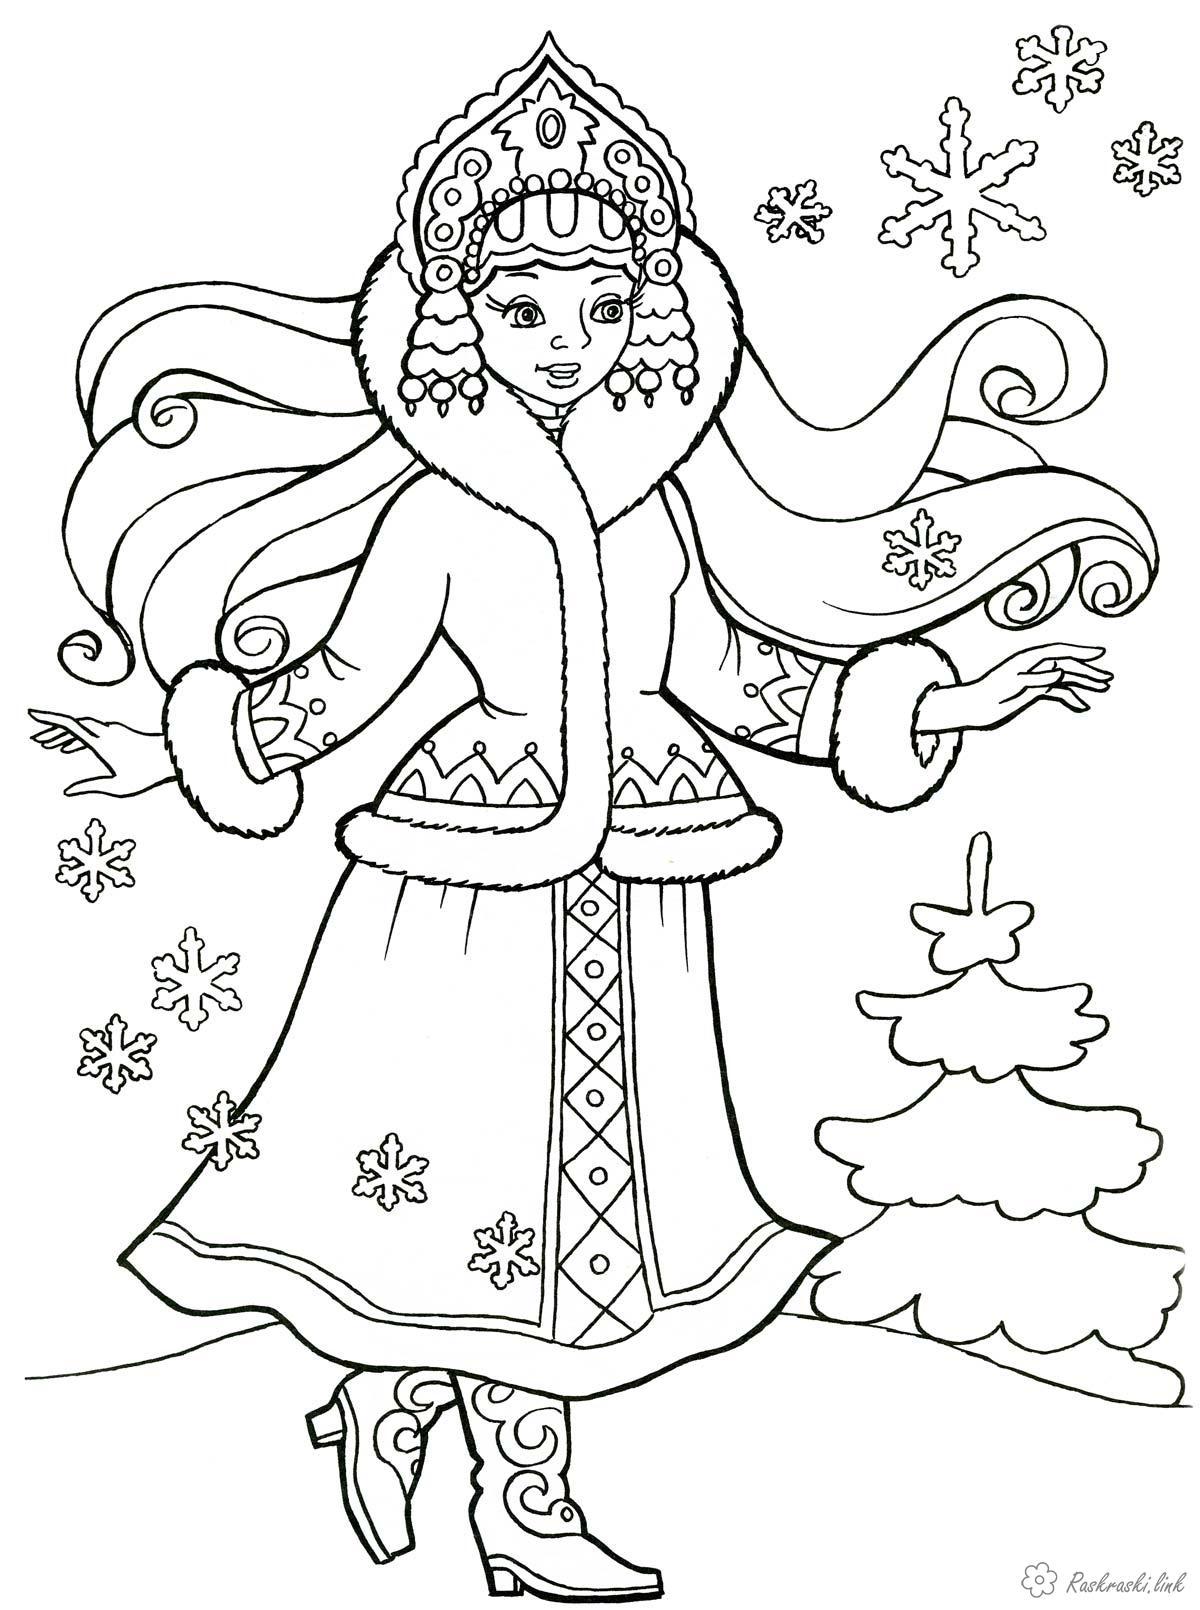 Розмальовки Національні костюми народів Росії національні костюми Росії, дівчина в народному костюмі, розфарбування